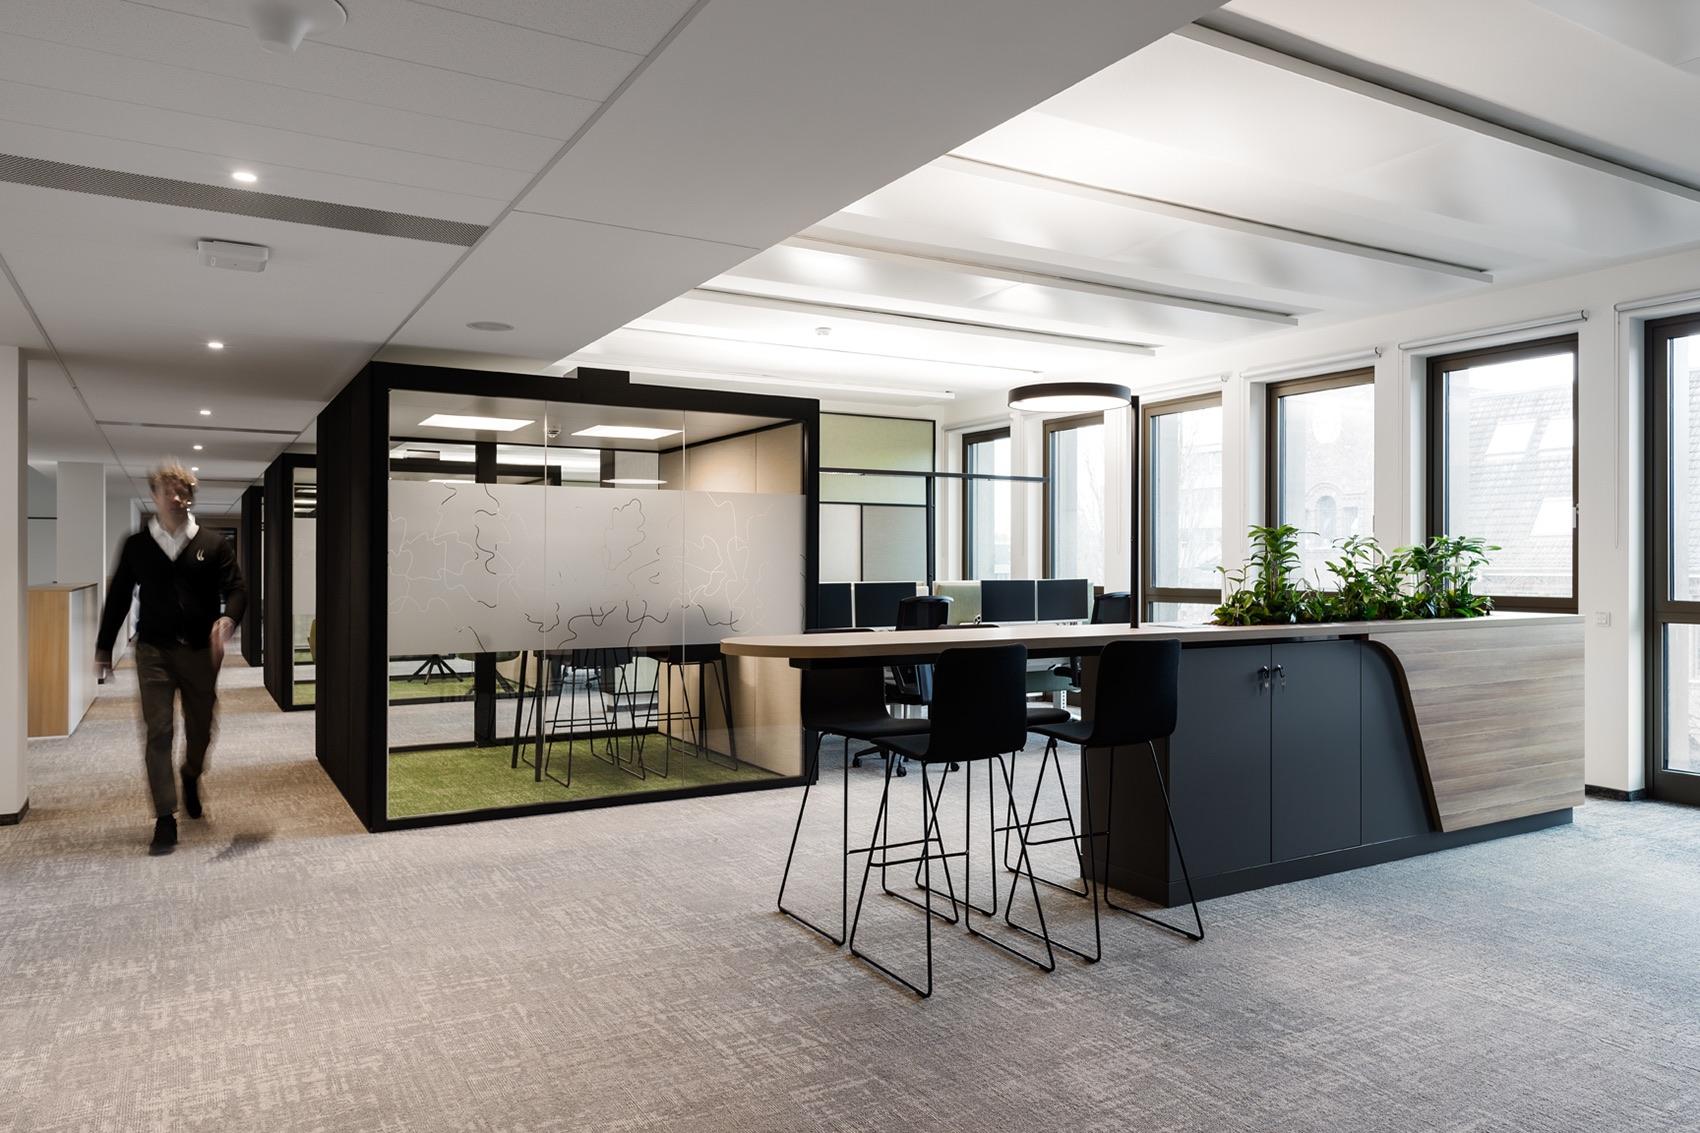 euler-hermes-hamburg-office-15